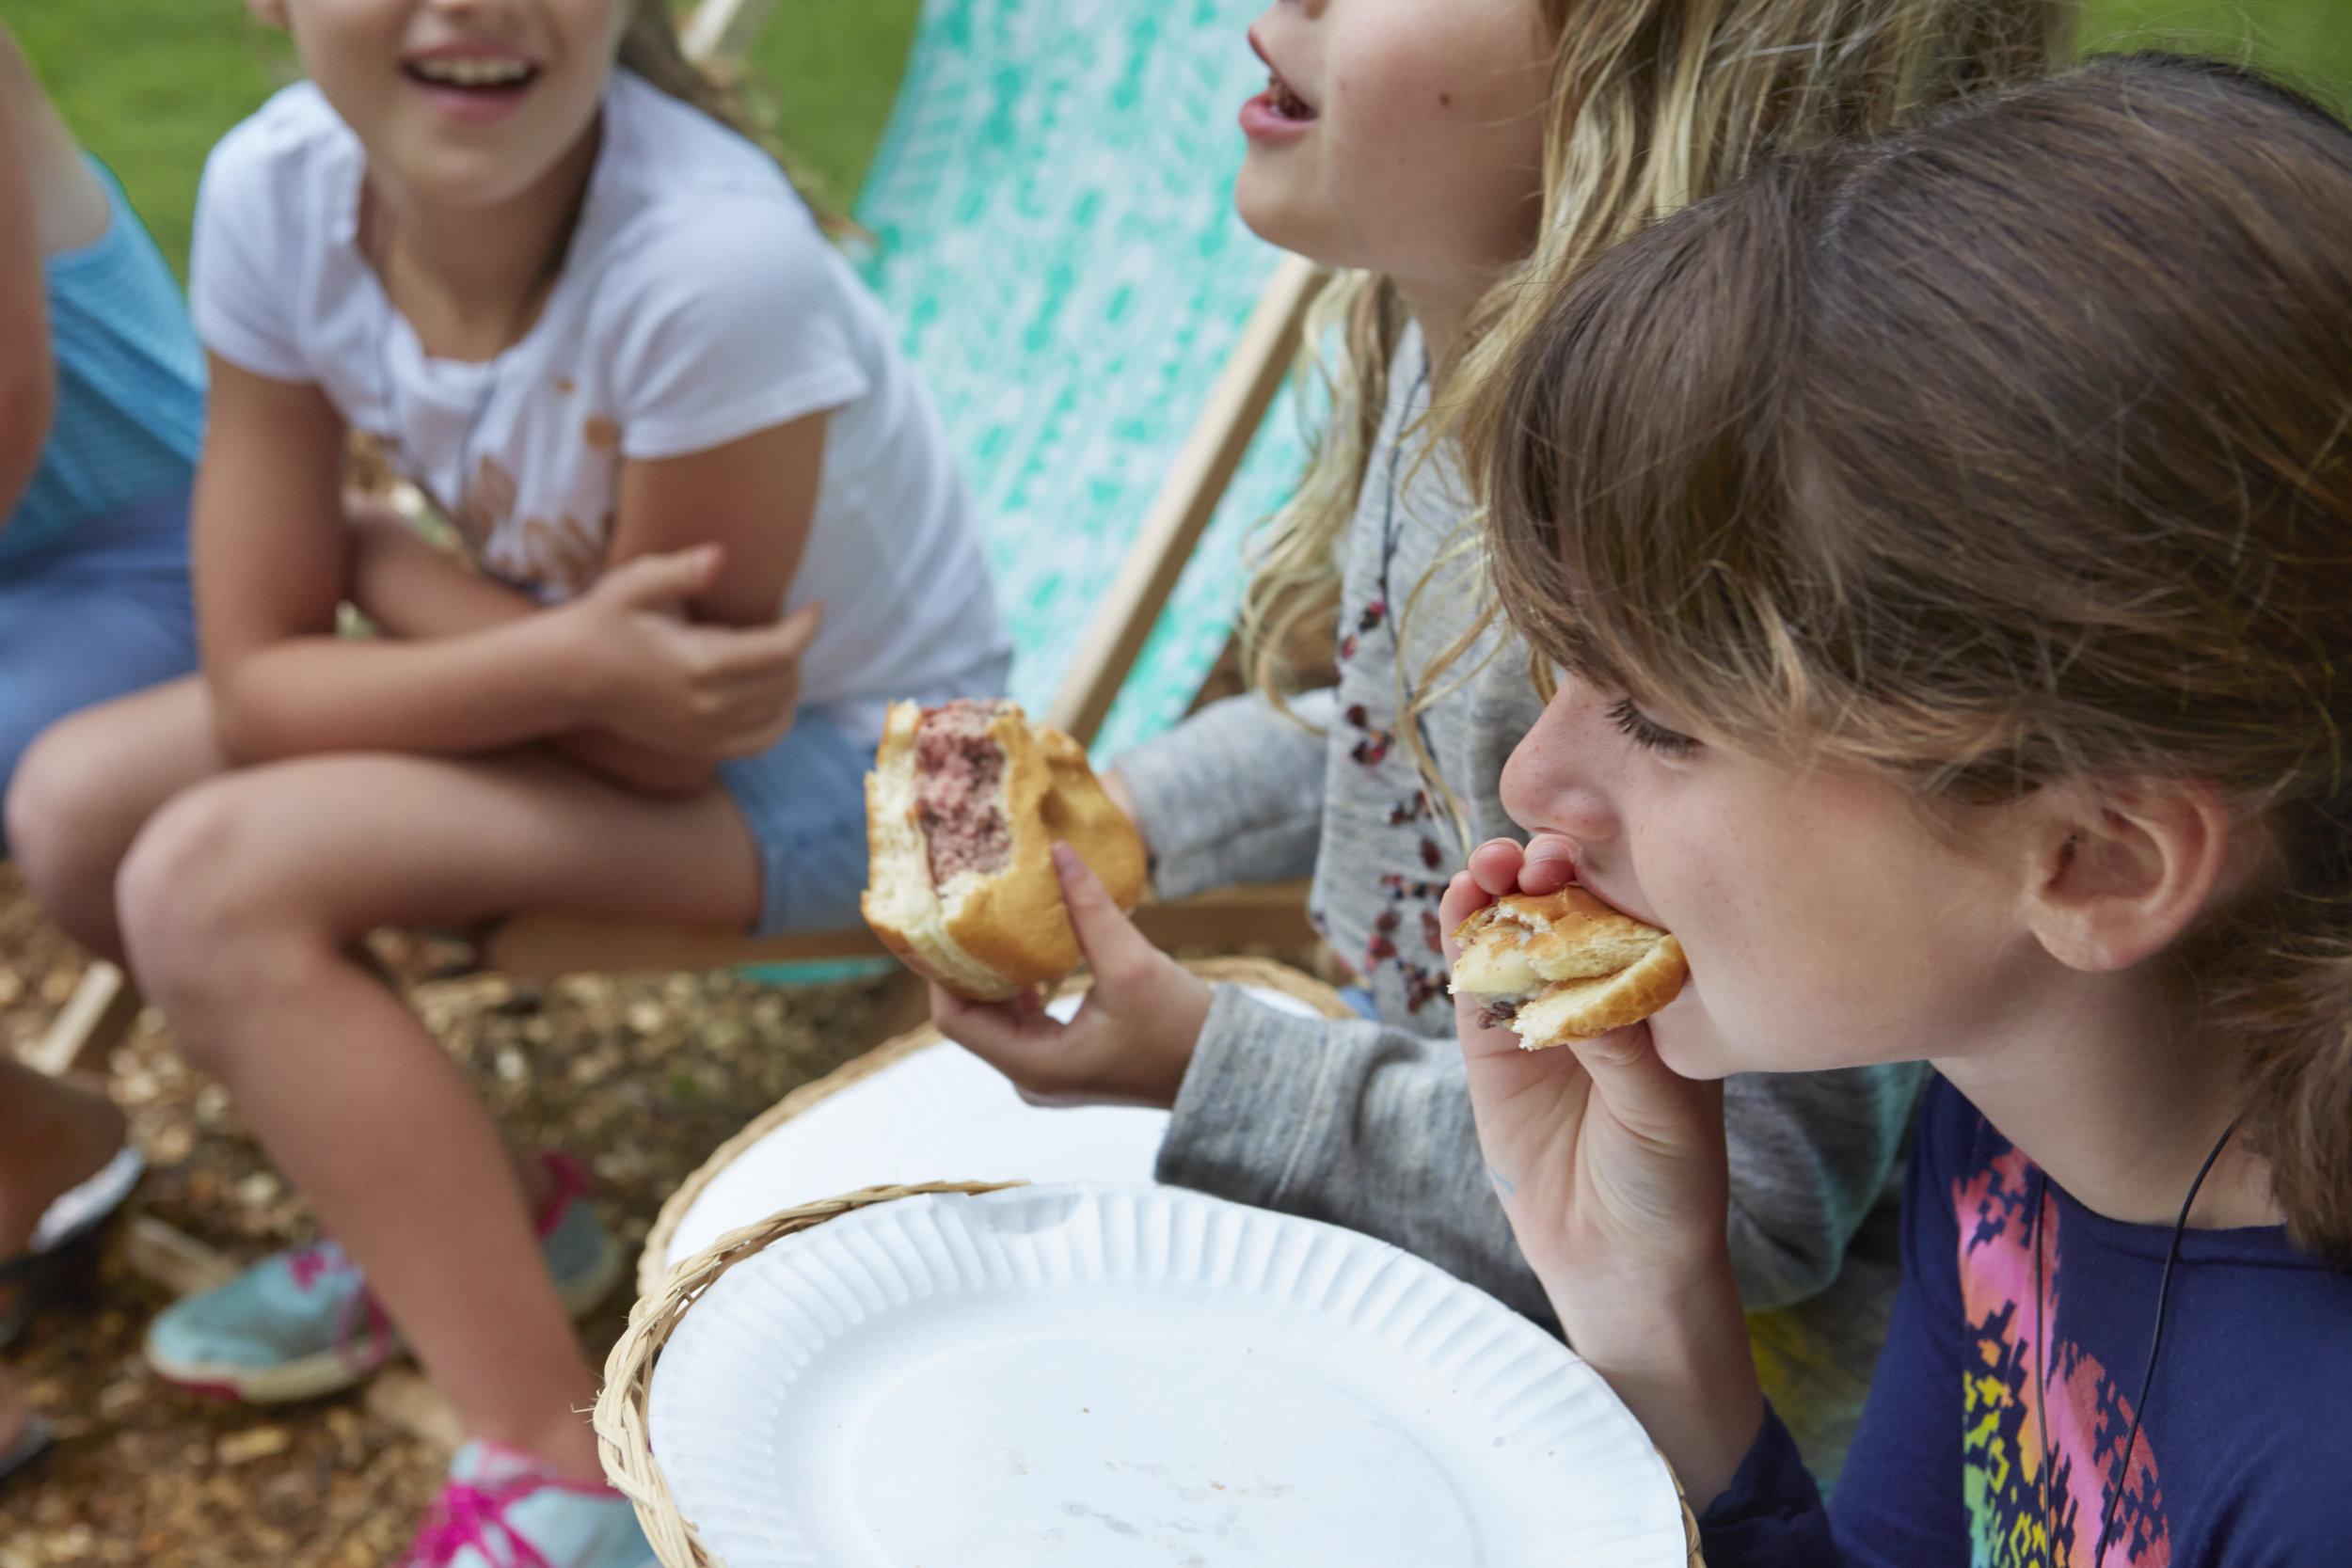 Tops'l_Kids_burgers.jpg